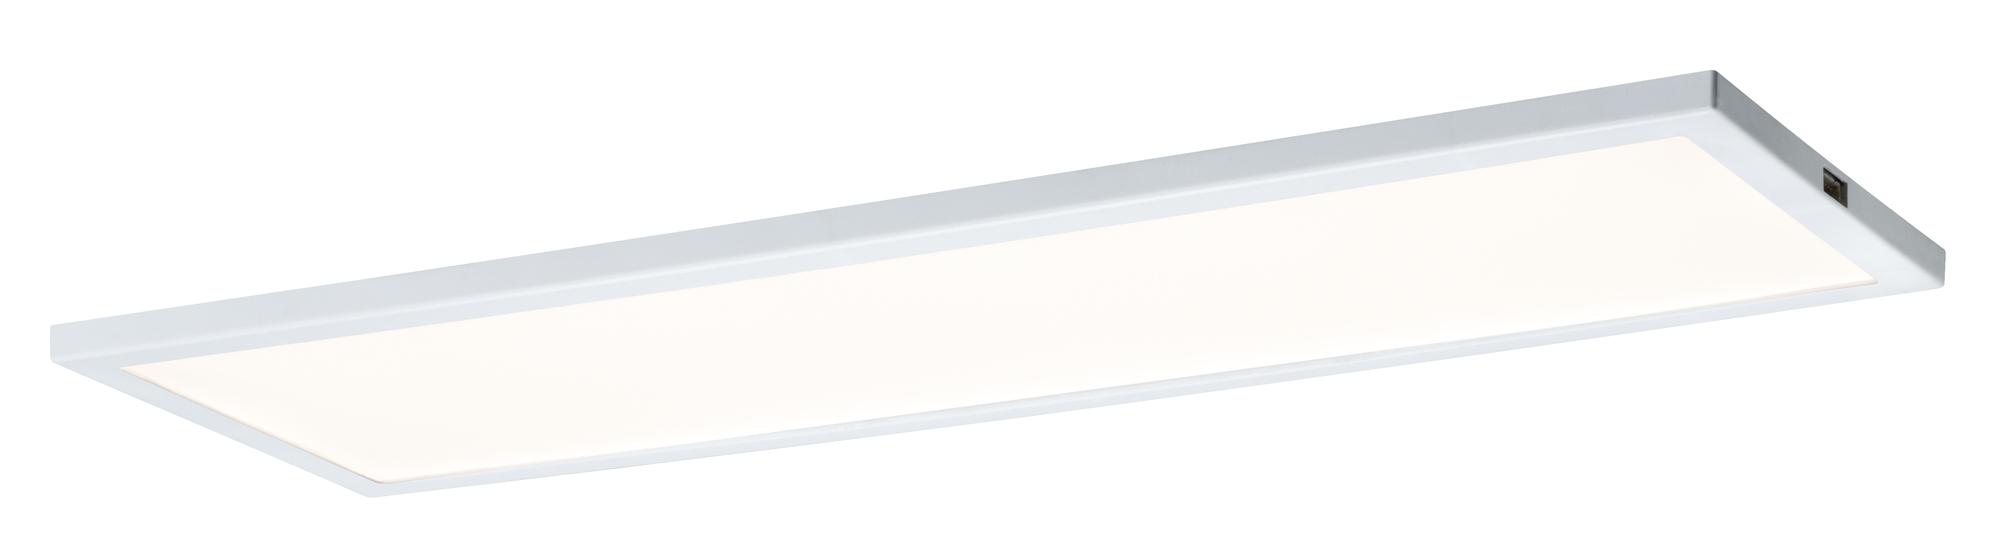 PAULMANN P 70776 kuchyňské svítidlo + 5 let záruka ZDARMA!